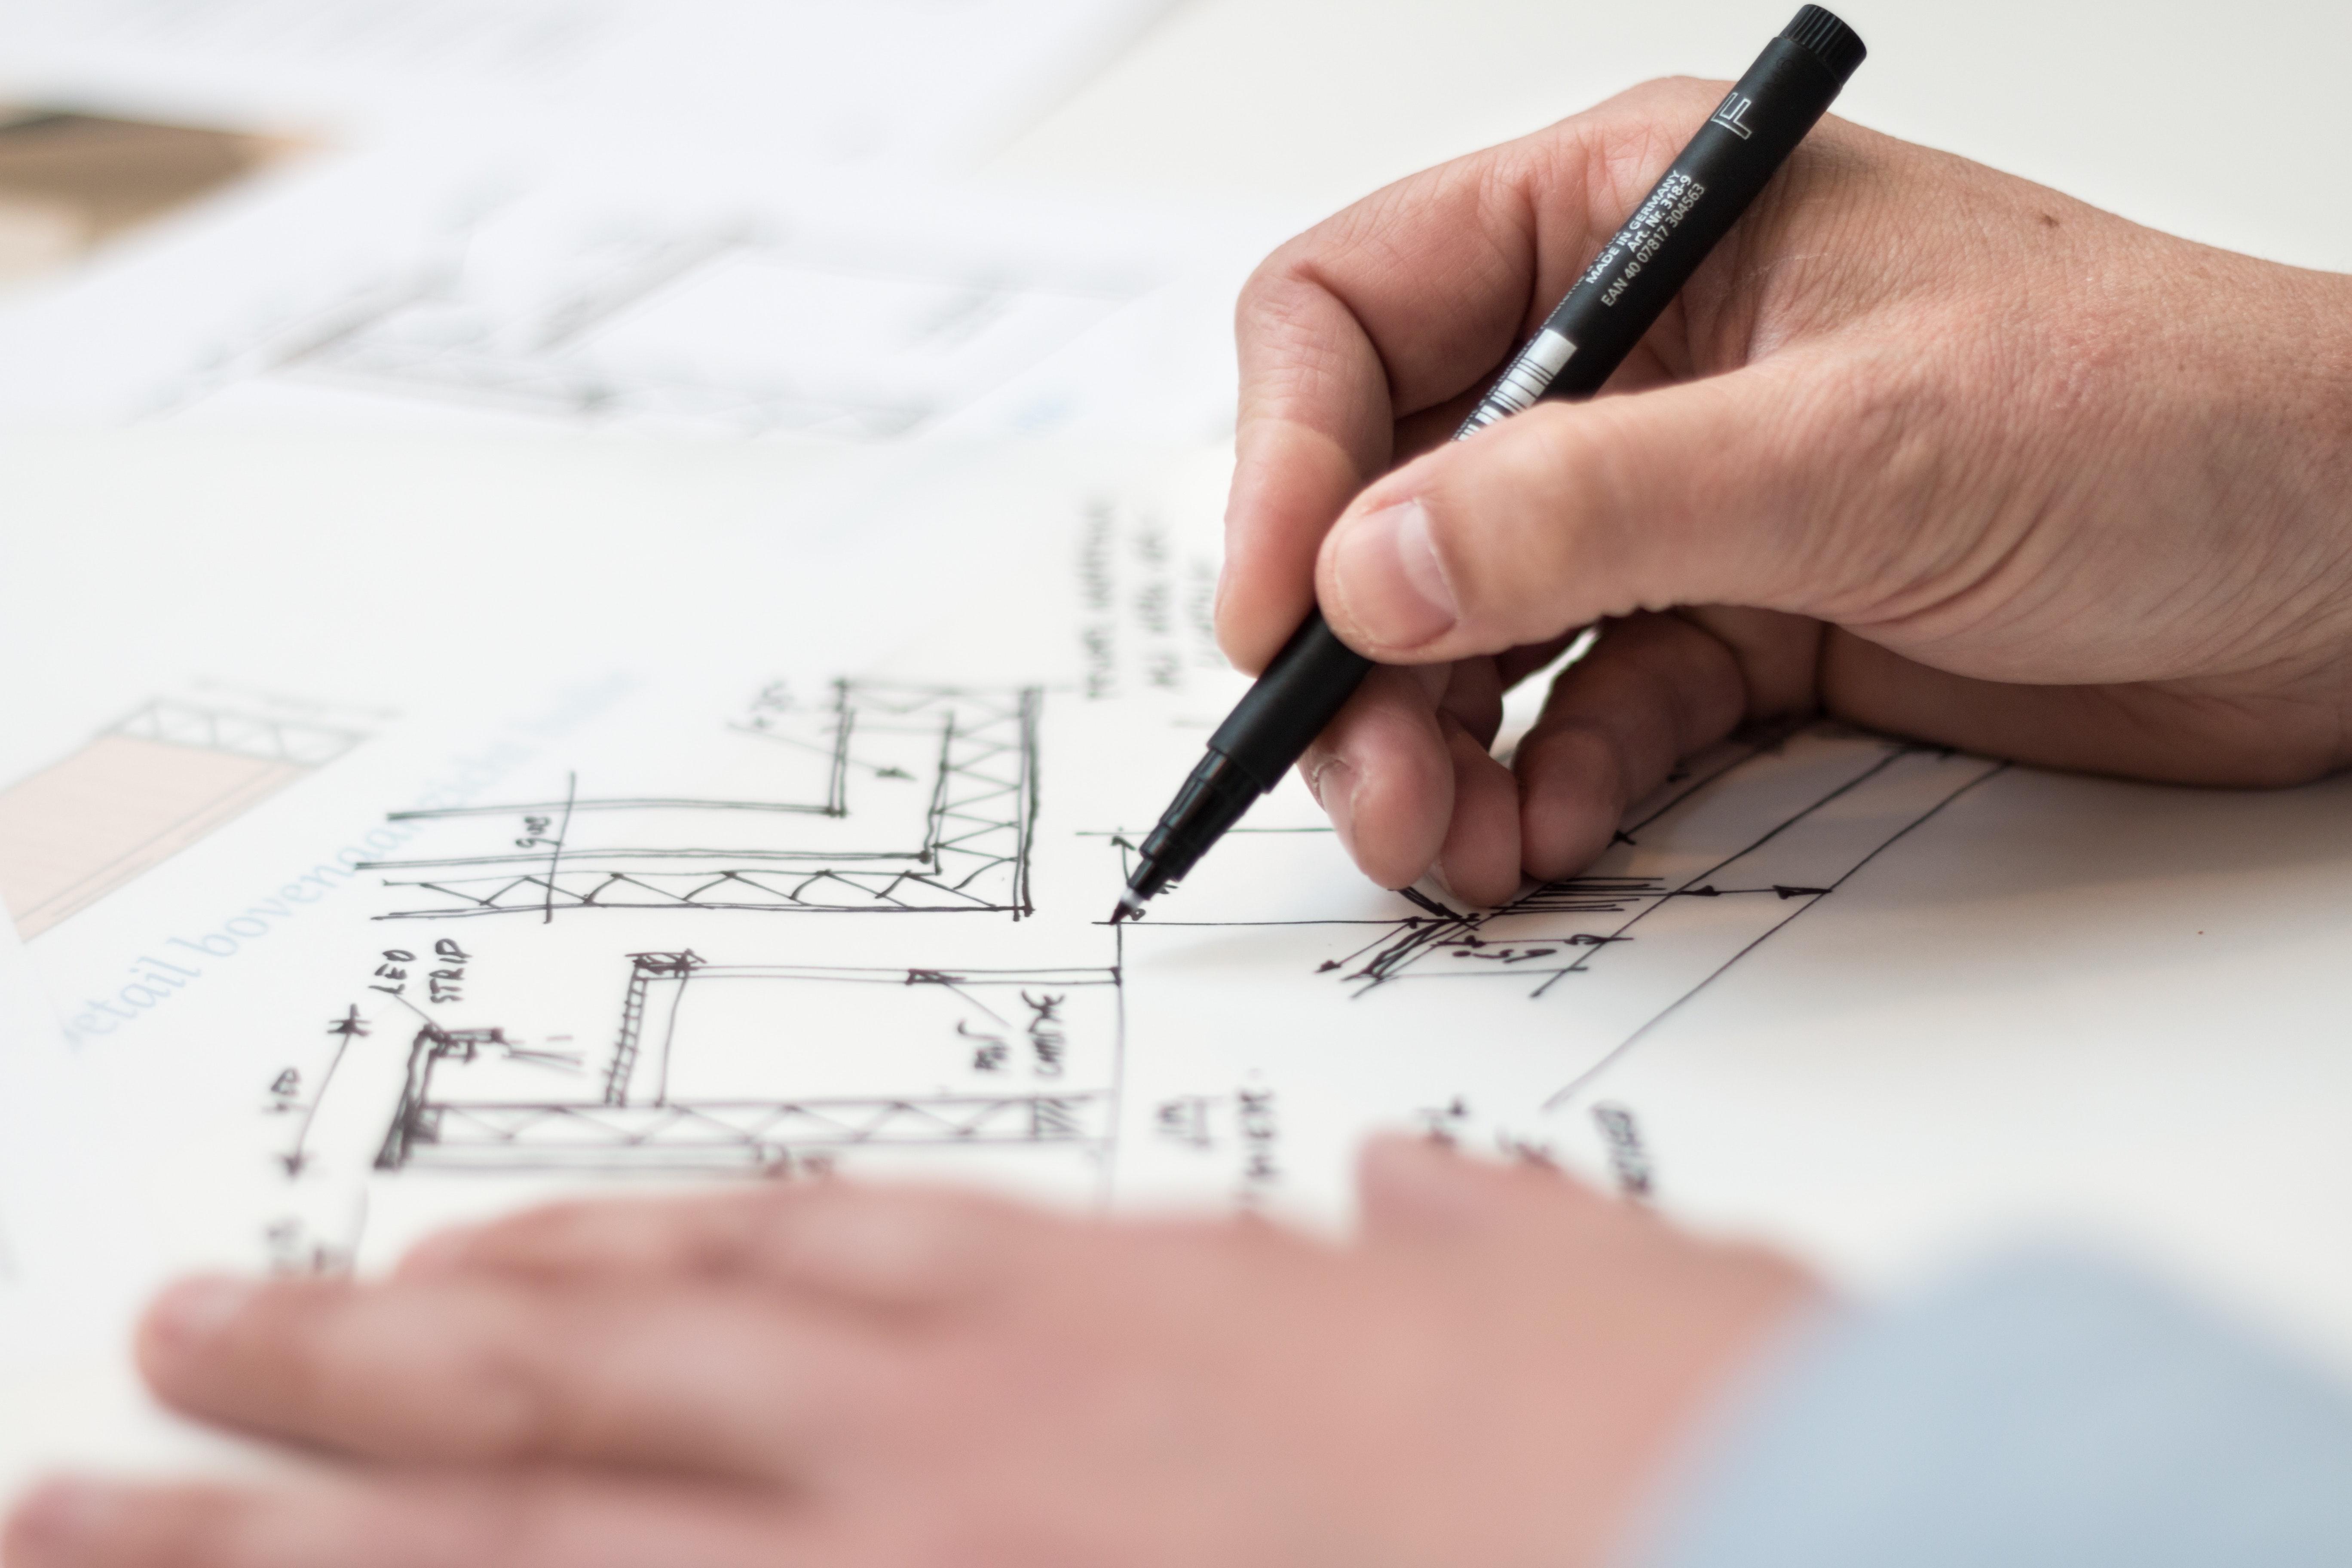 Koszty budowy domu - projektowanie